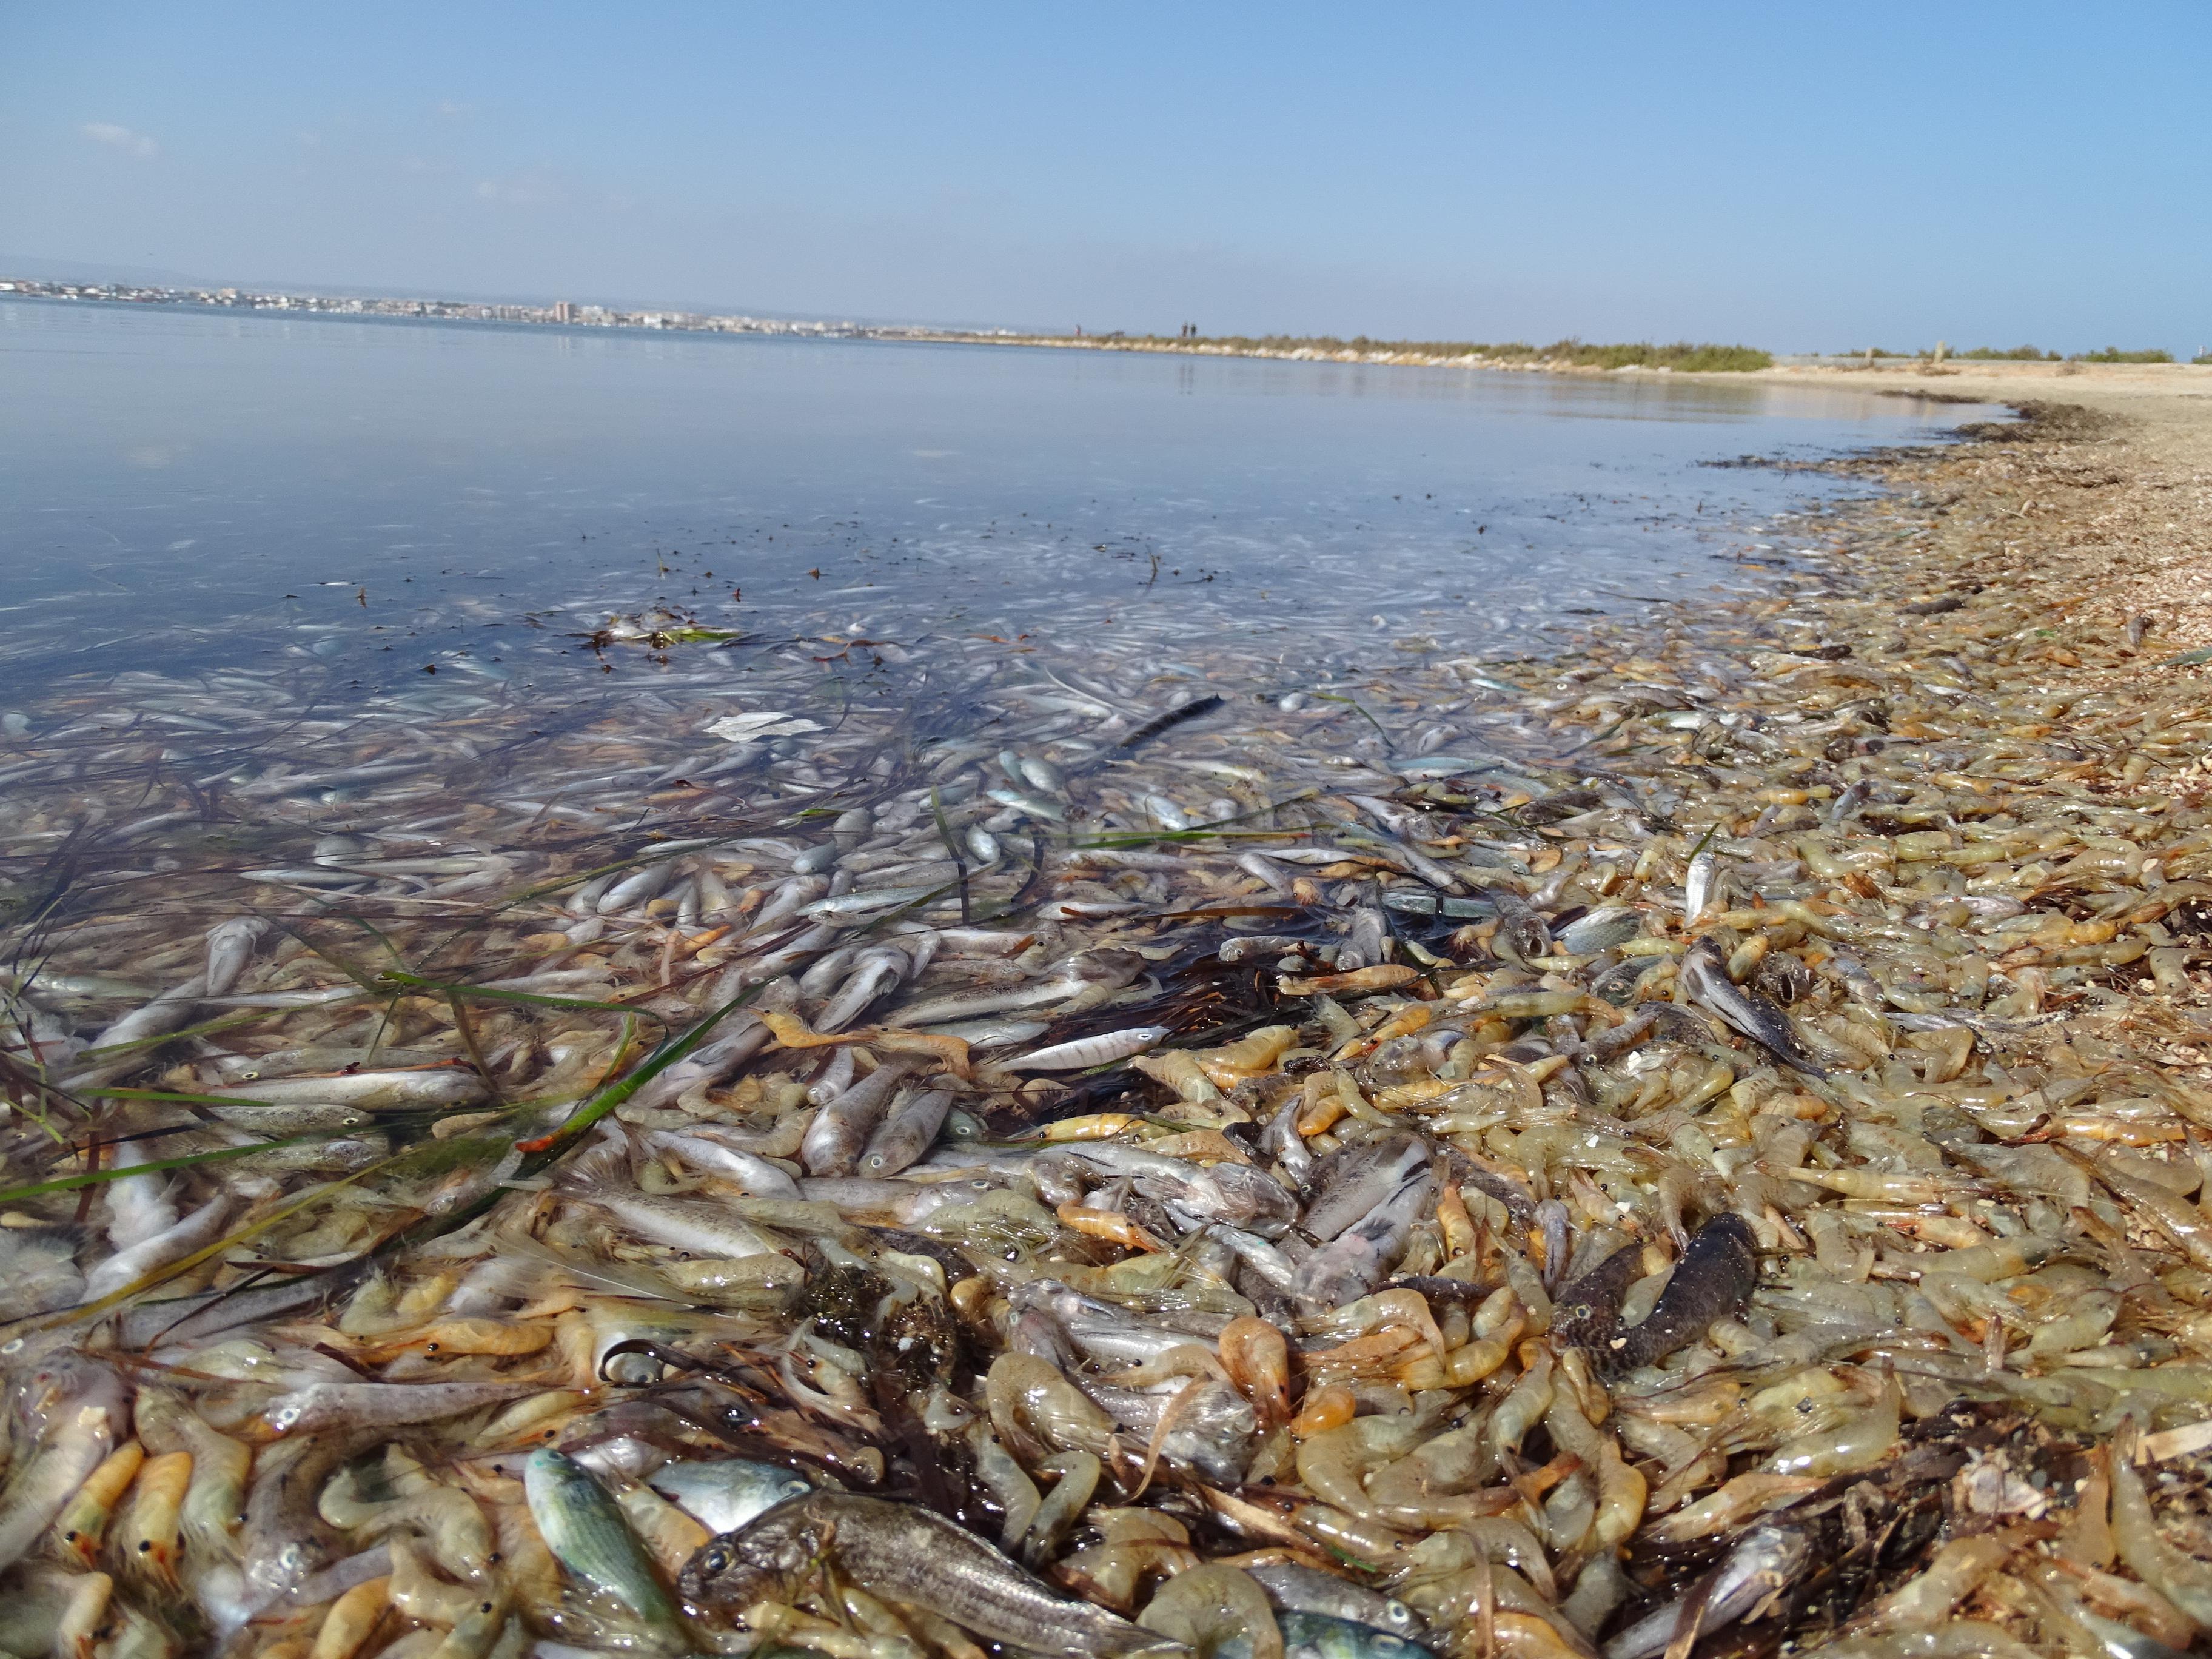 Animales marinos muertos ocupando grandes extensiones de la orilla del Mar Menor. Imagen: Pedro García / ANSE